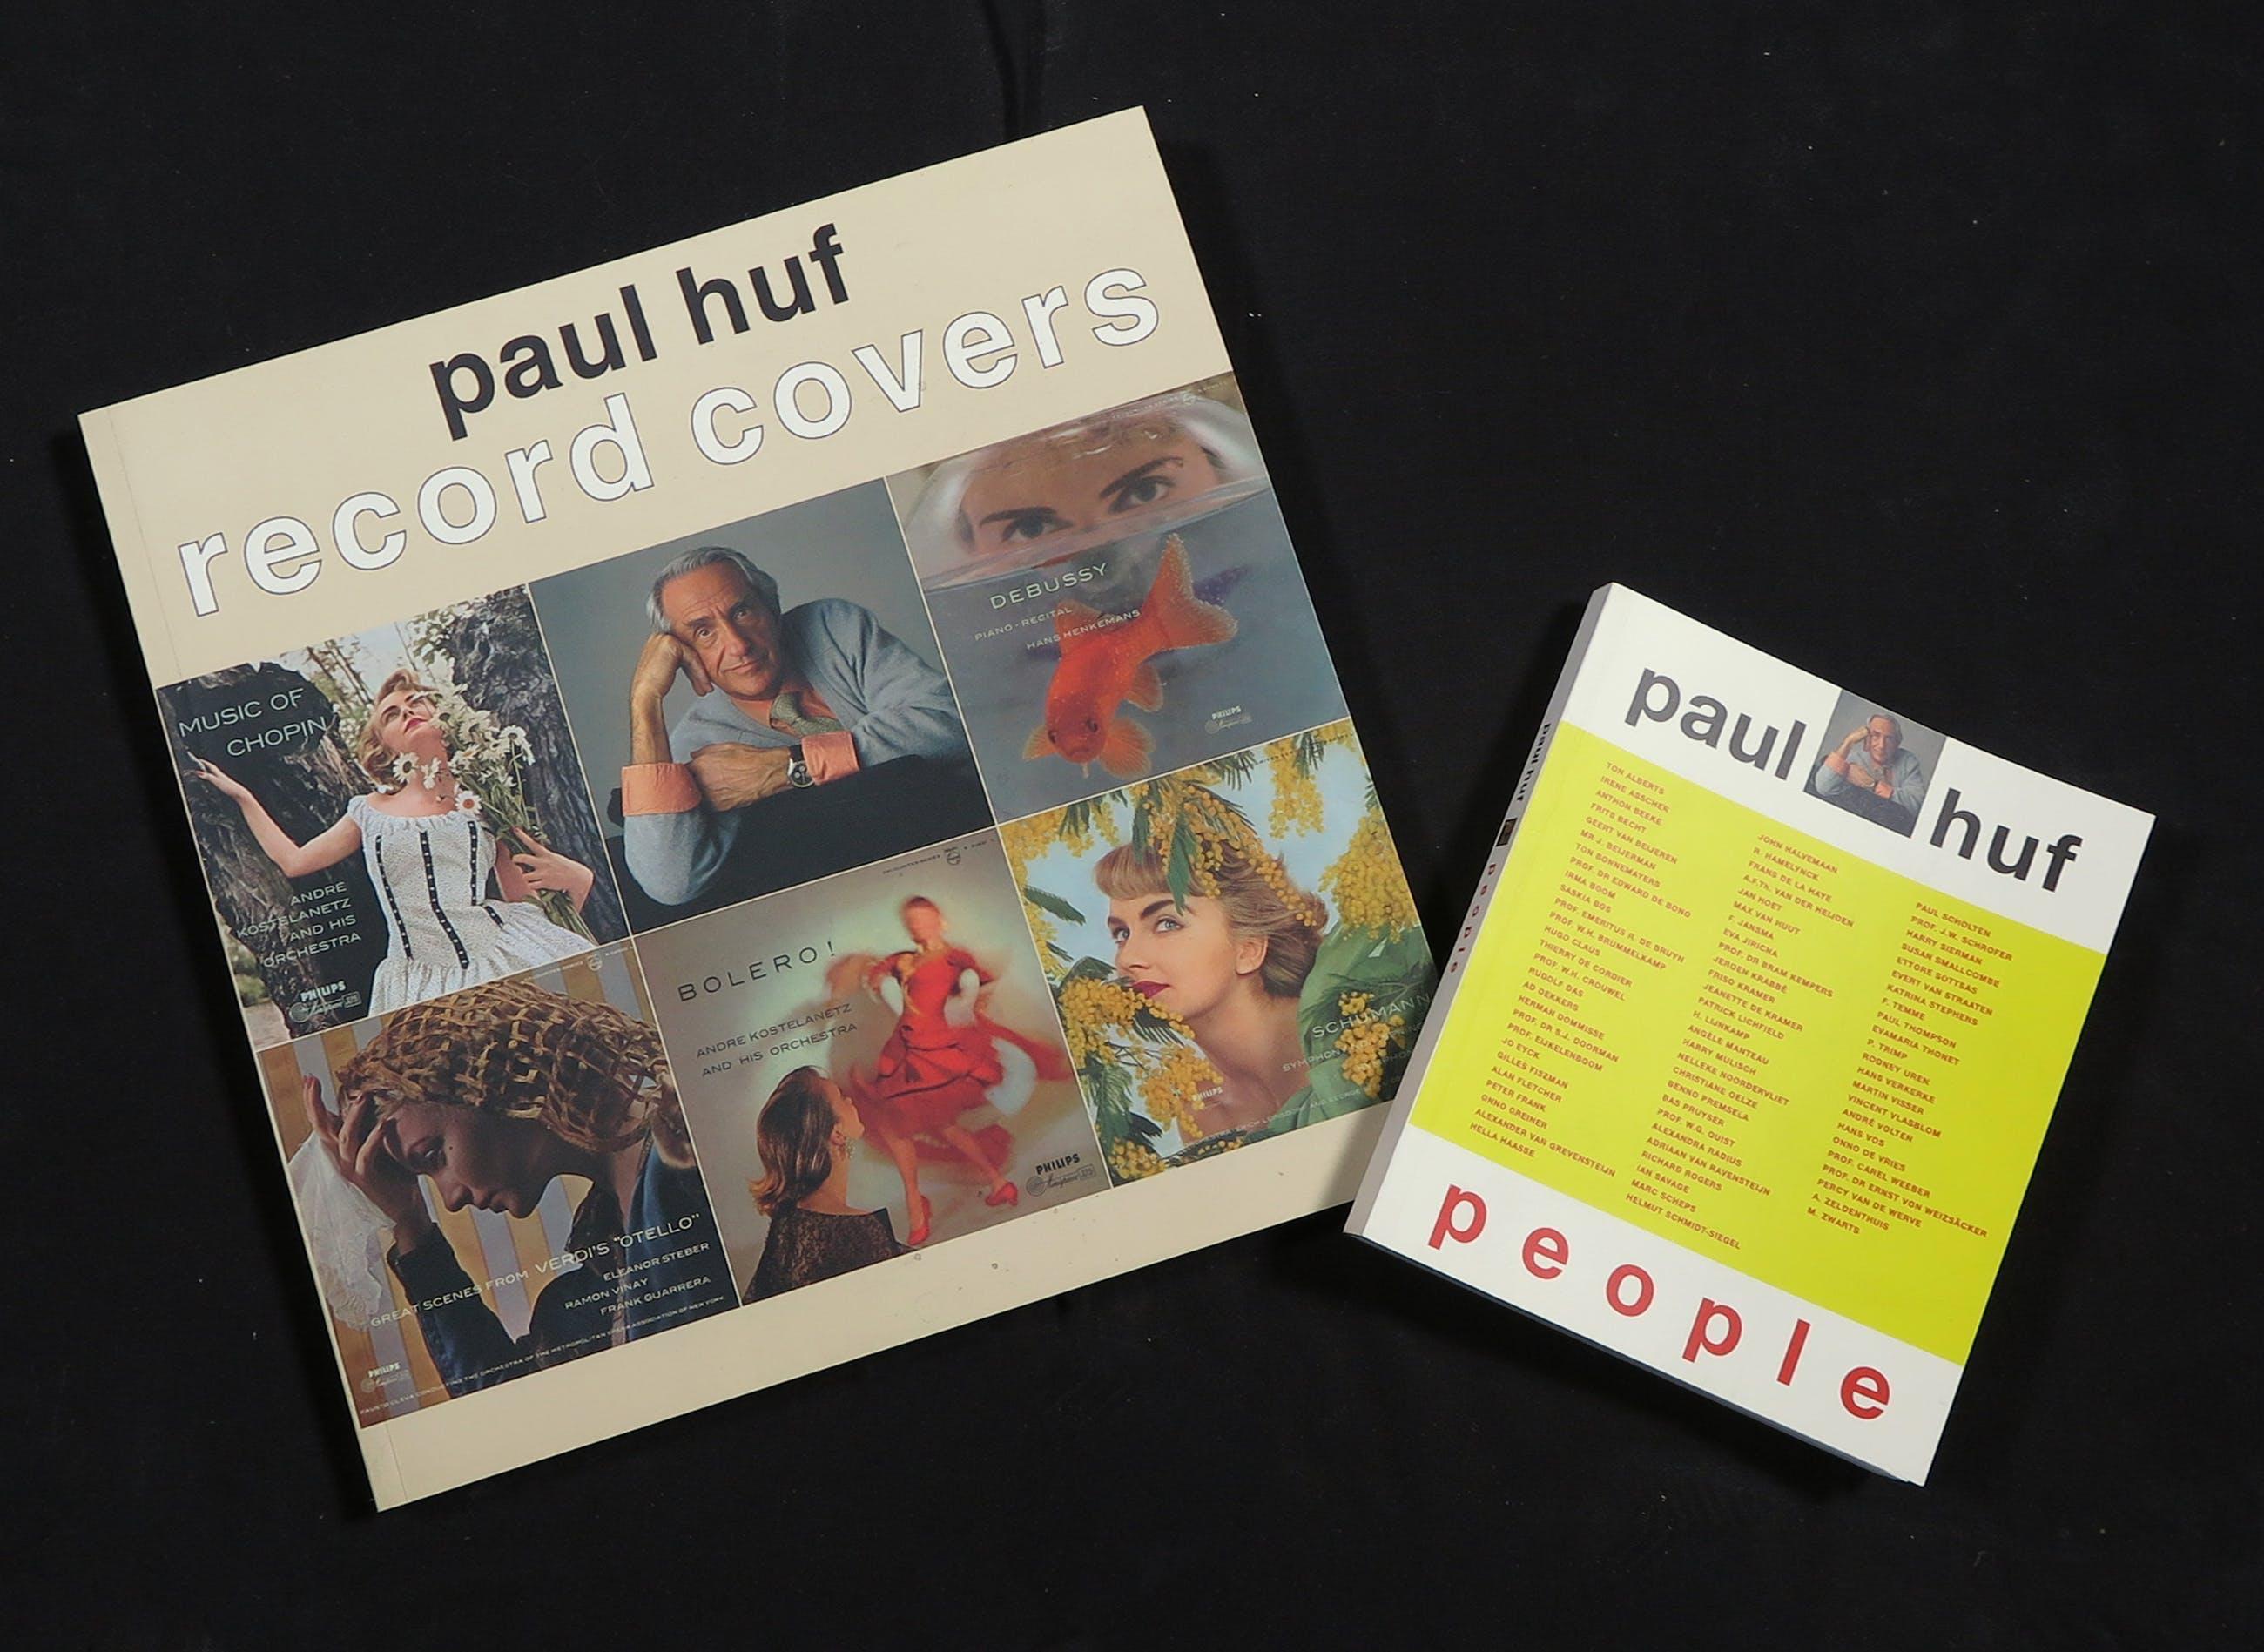 Paul Huf - Foto, Zonder titel - Ingelijst kopen? Bied vanaf 1!